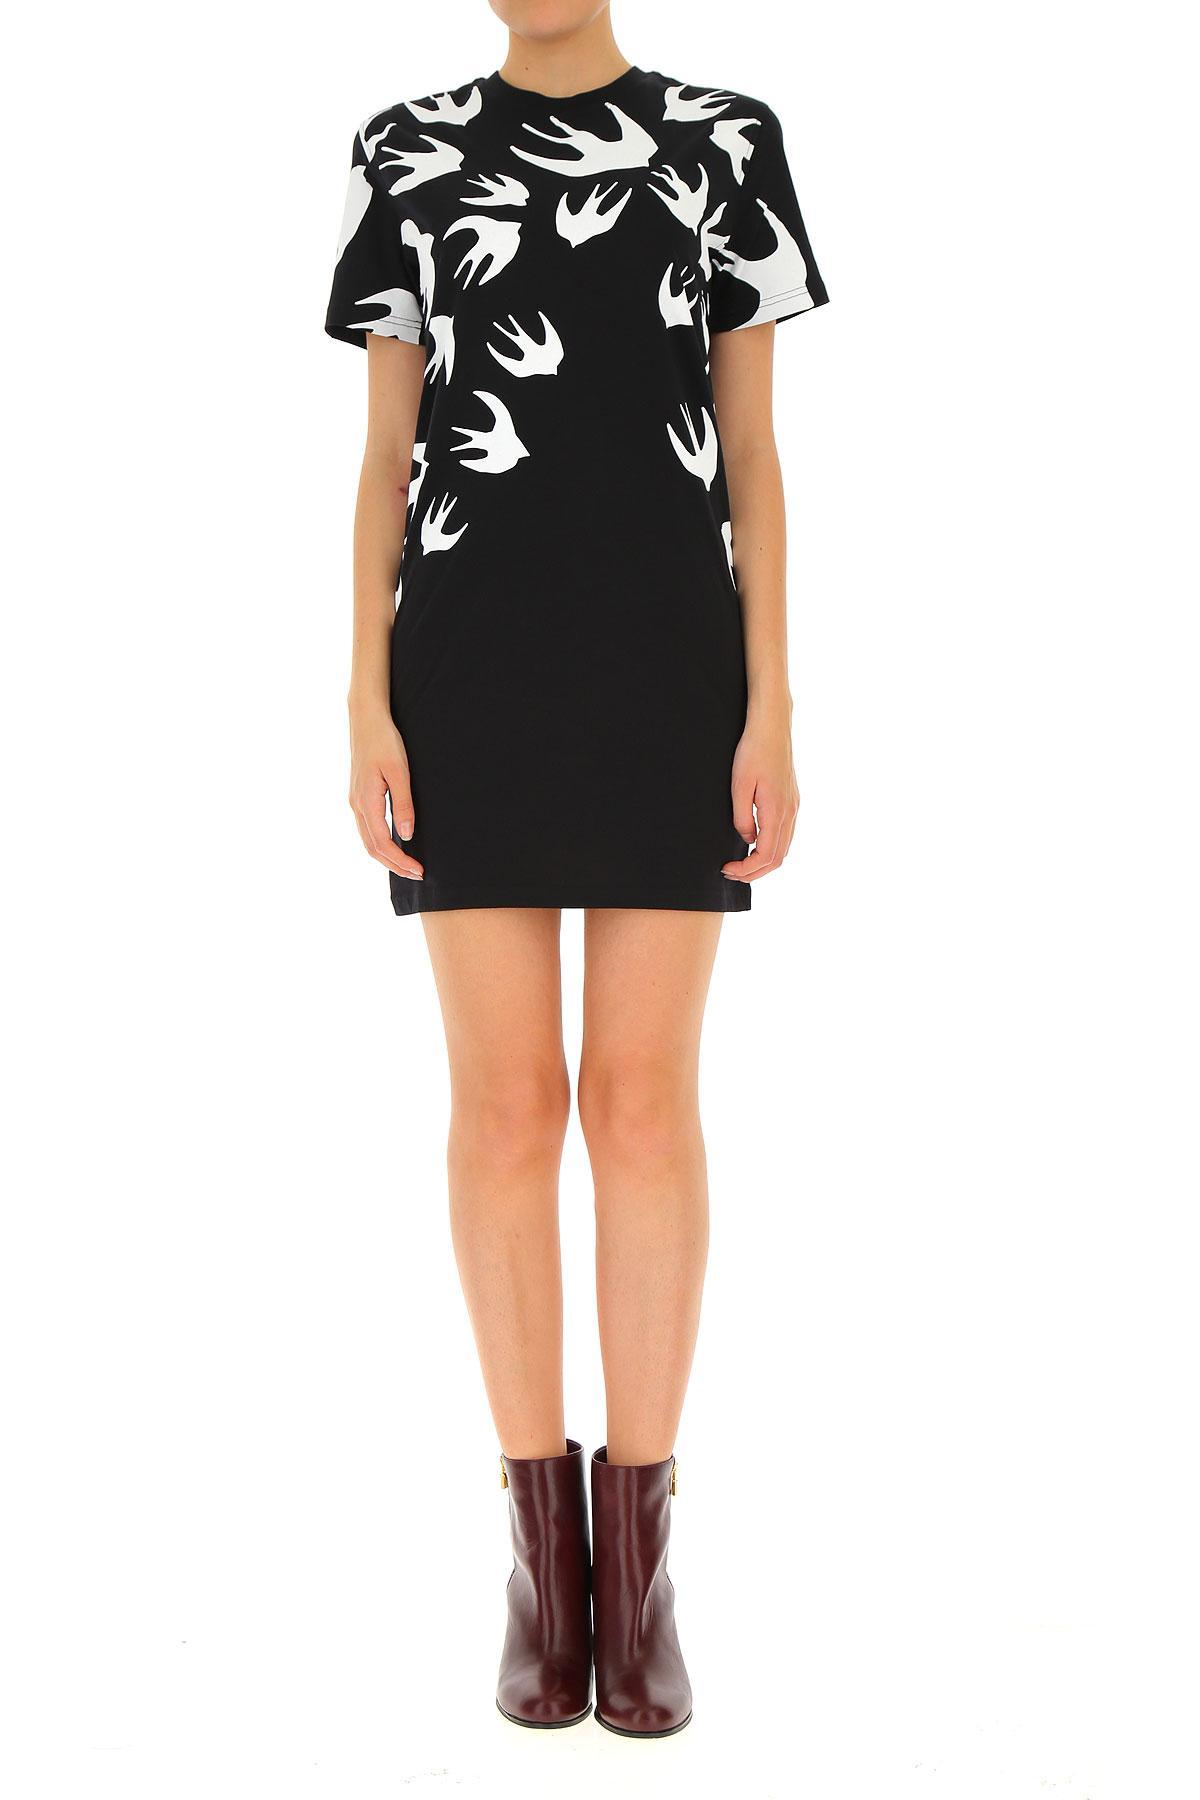 Robe Femme McQ en coloris Noir